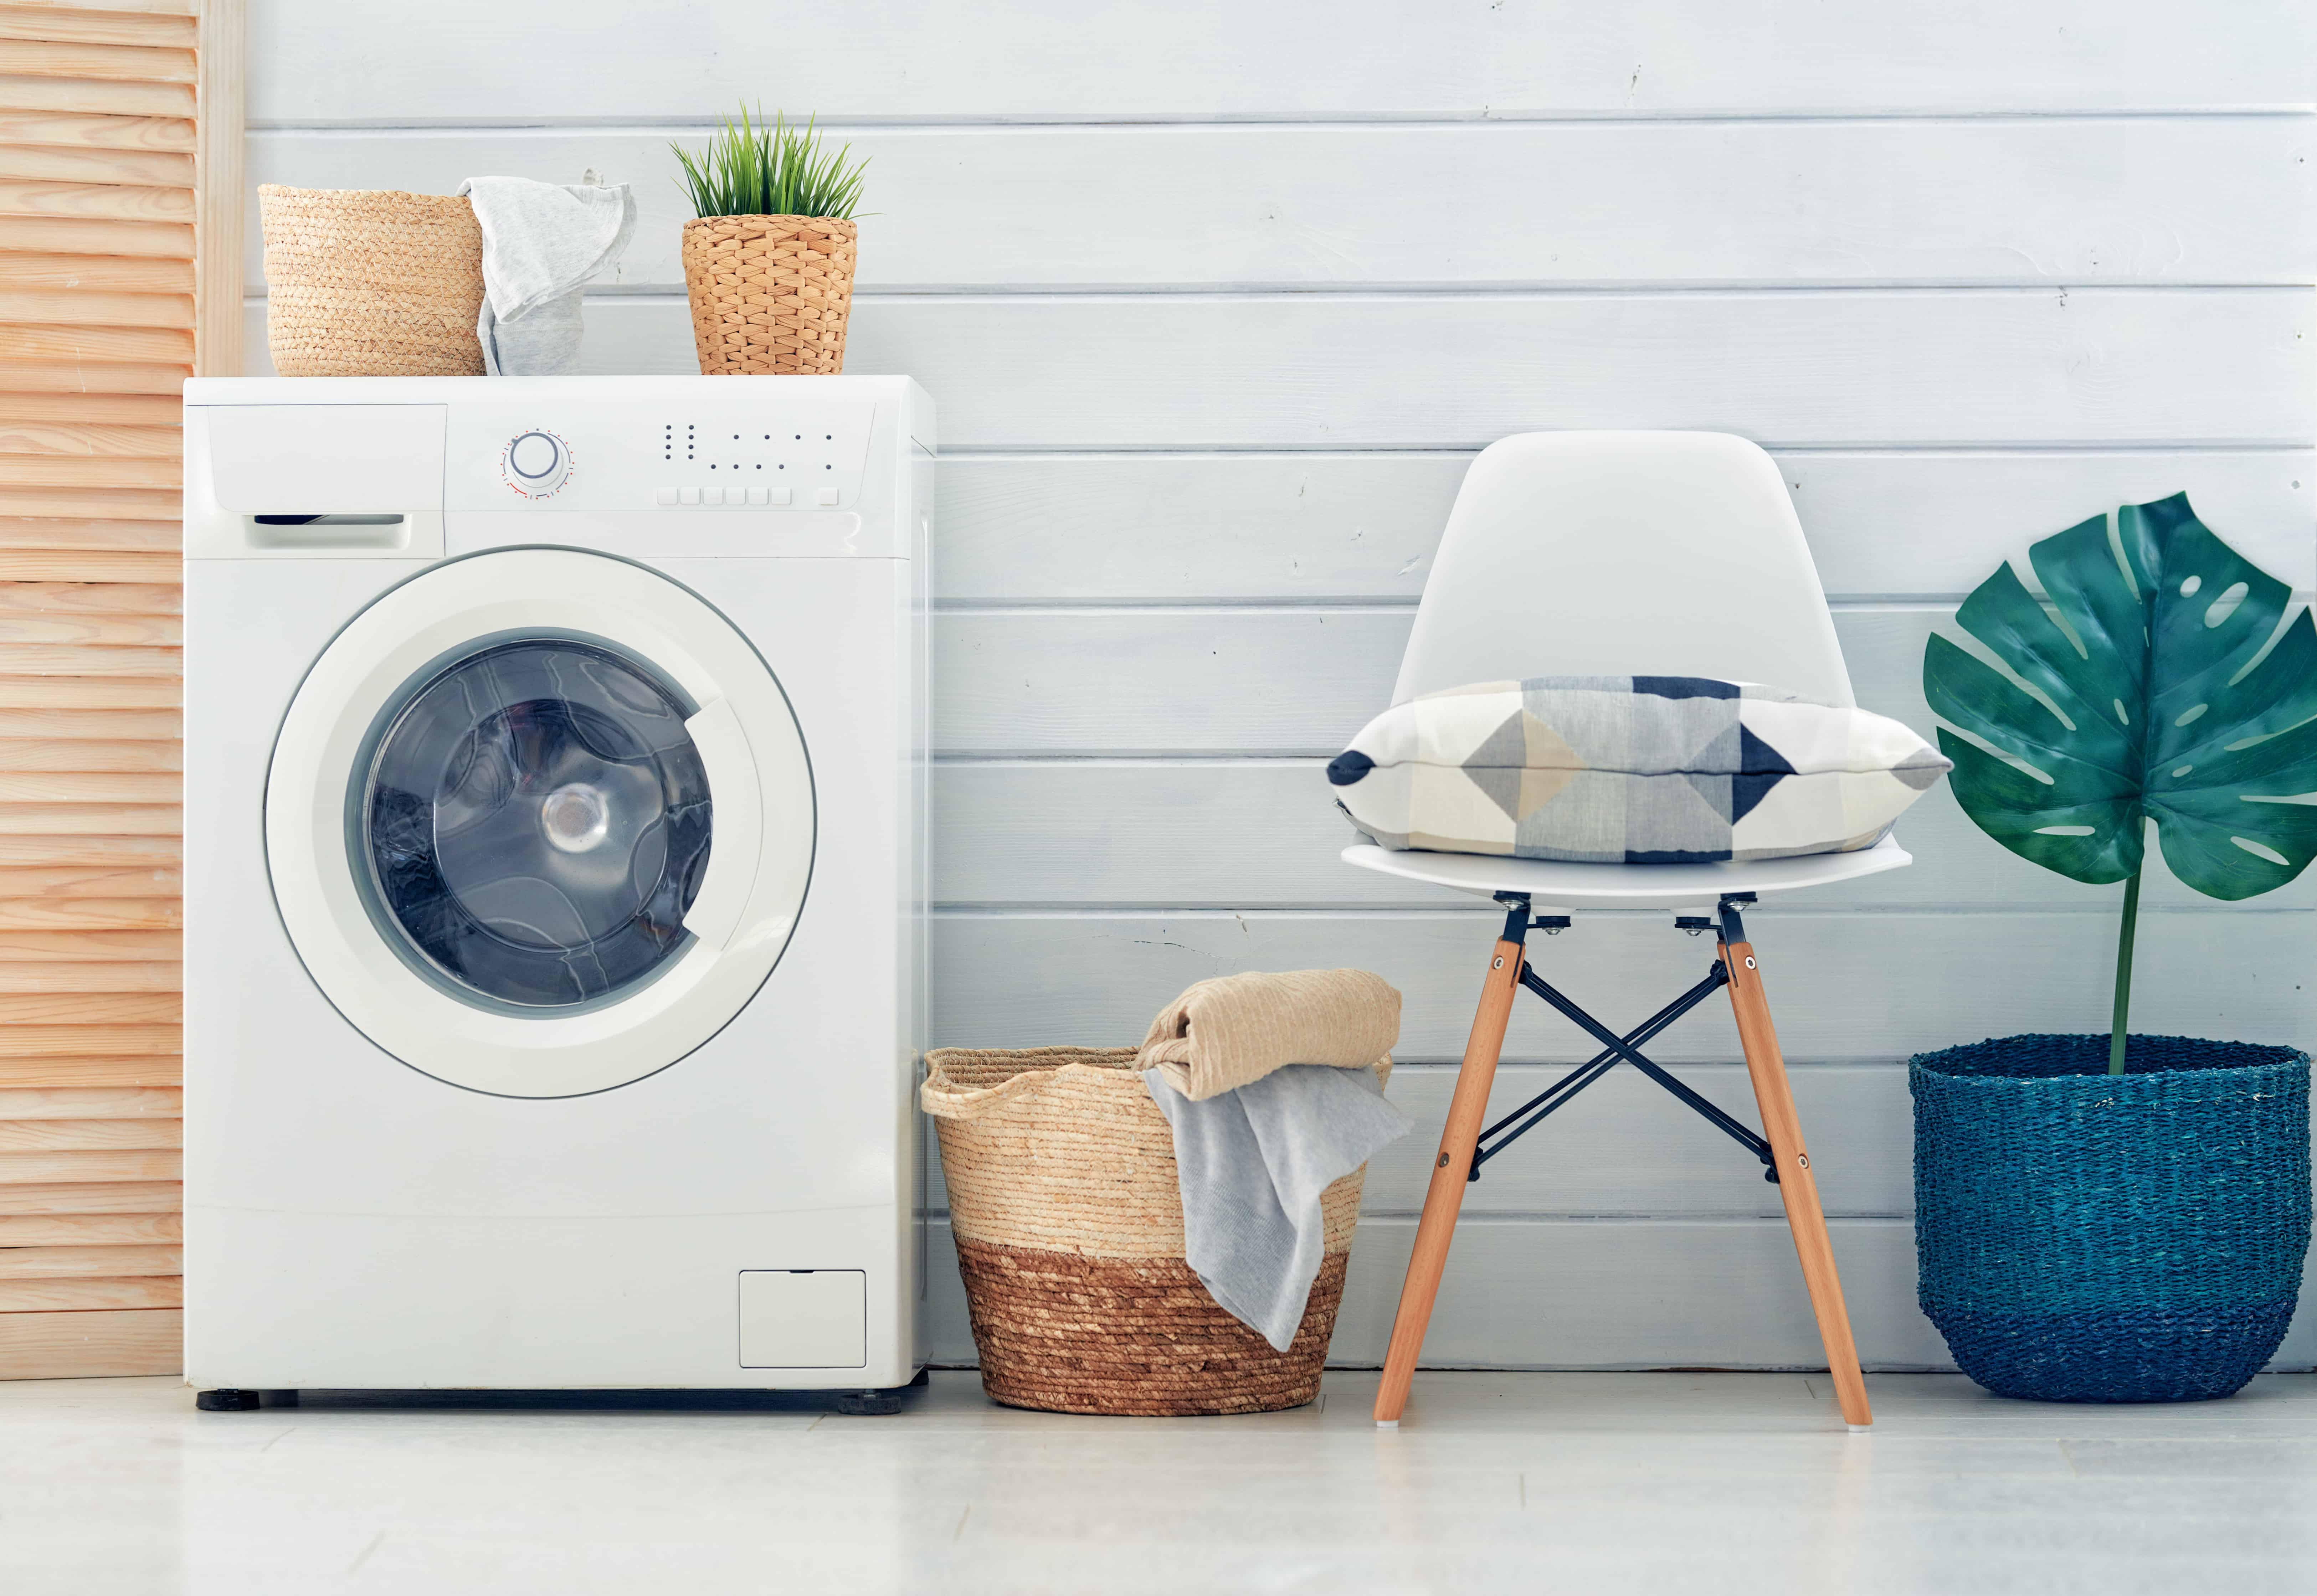 Una lavadora blanca con una silla